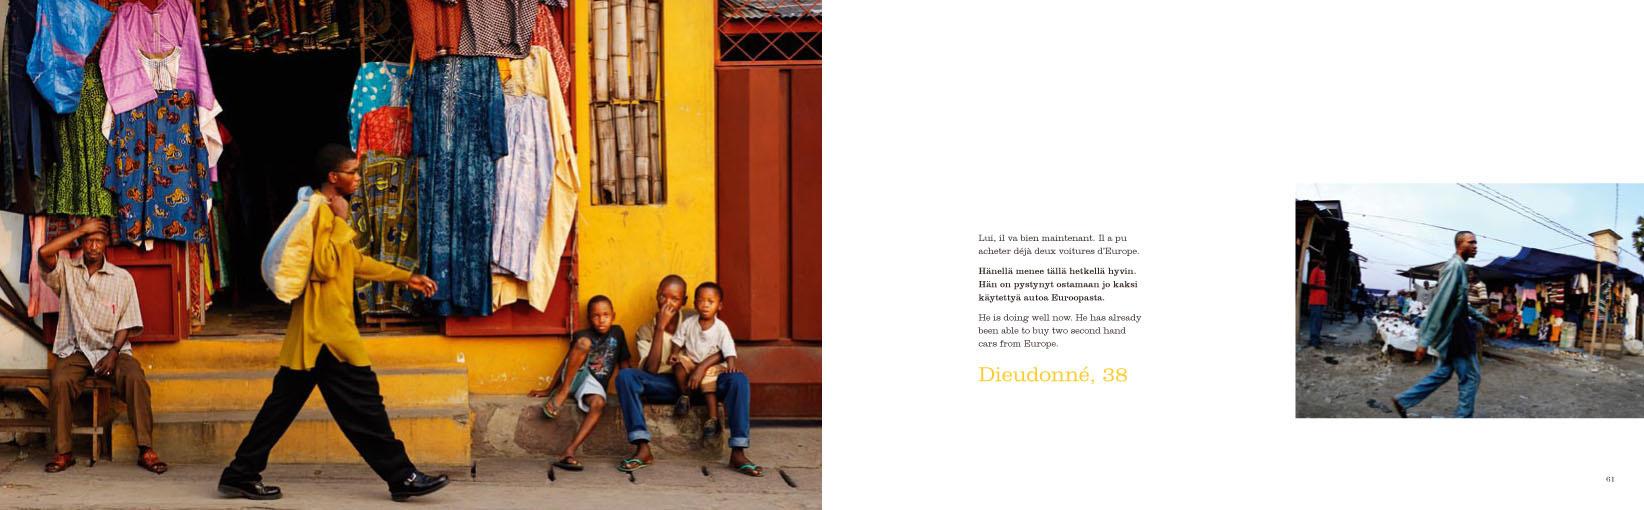 emoriya_molende_book_p-31.jpg